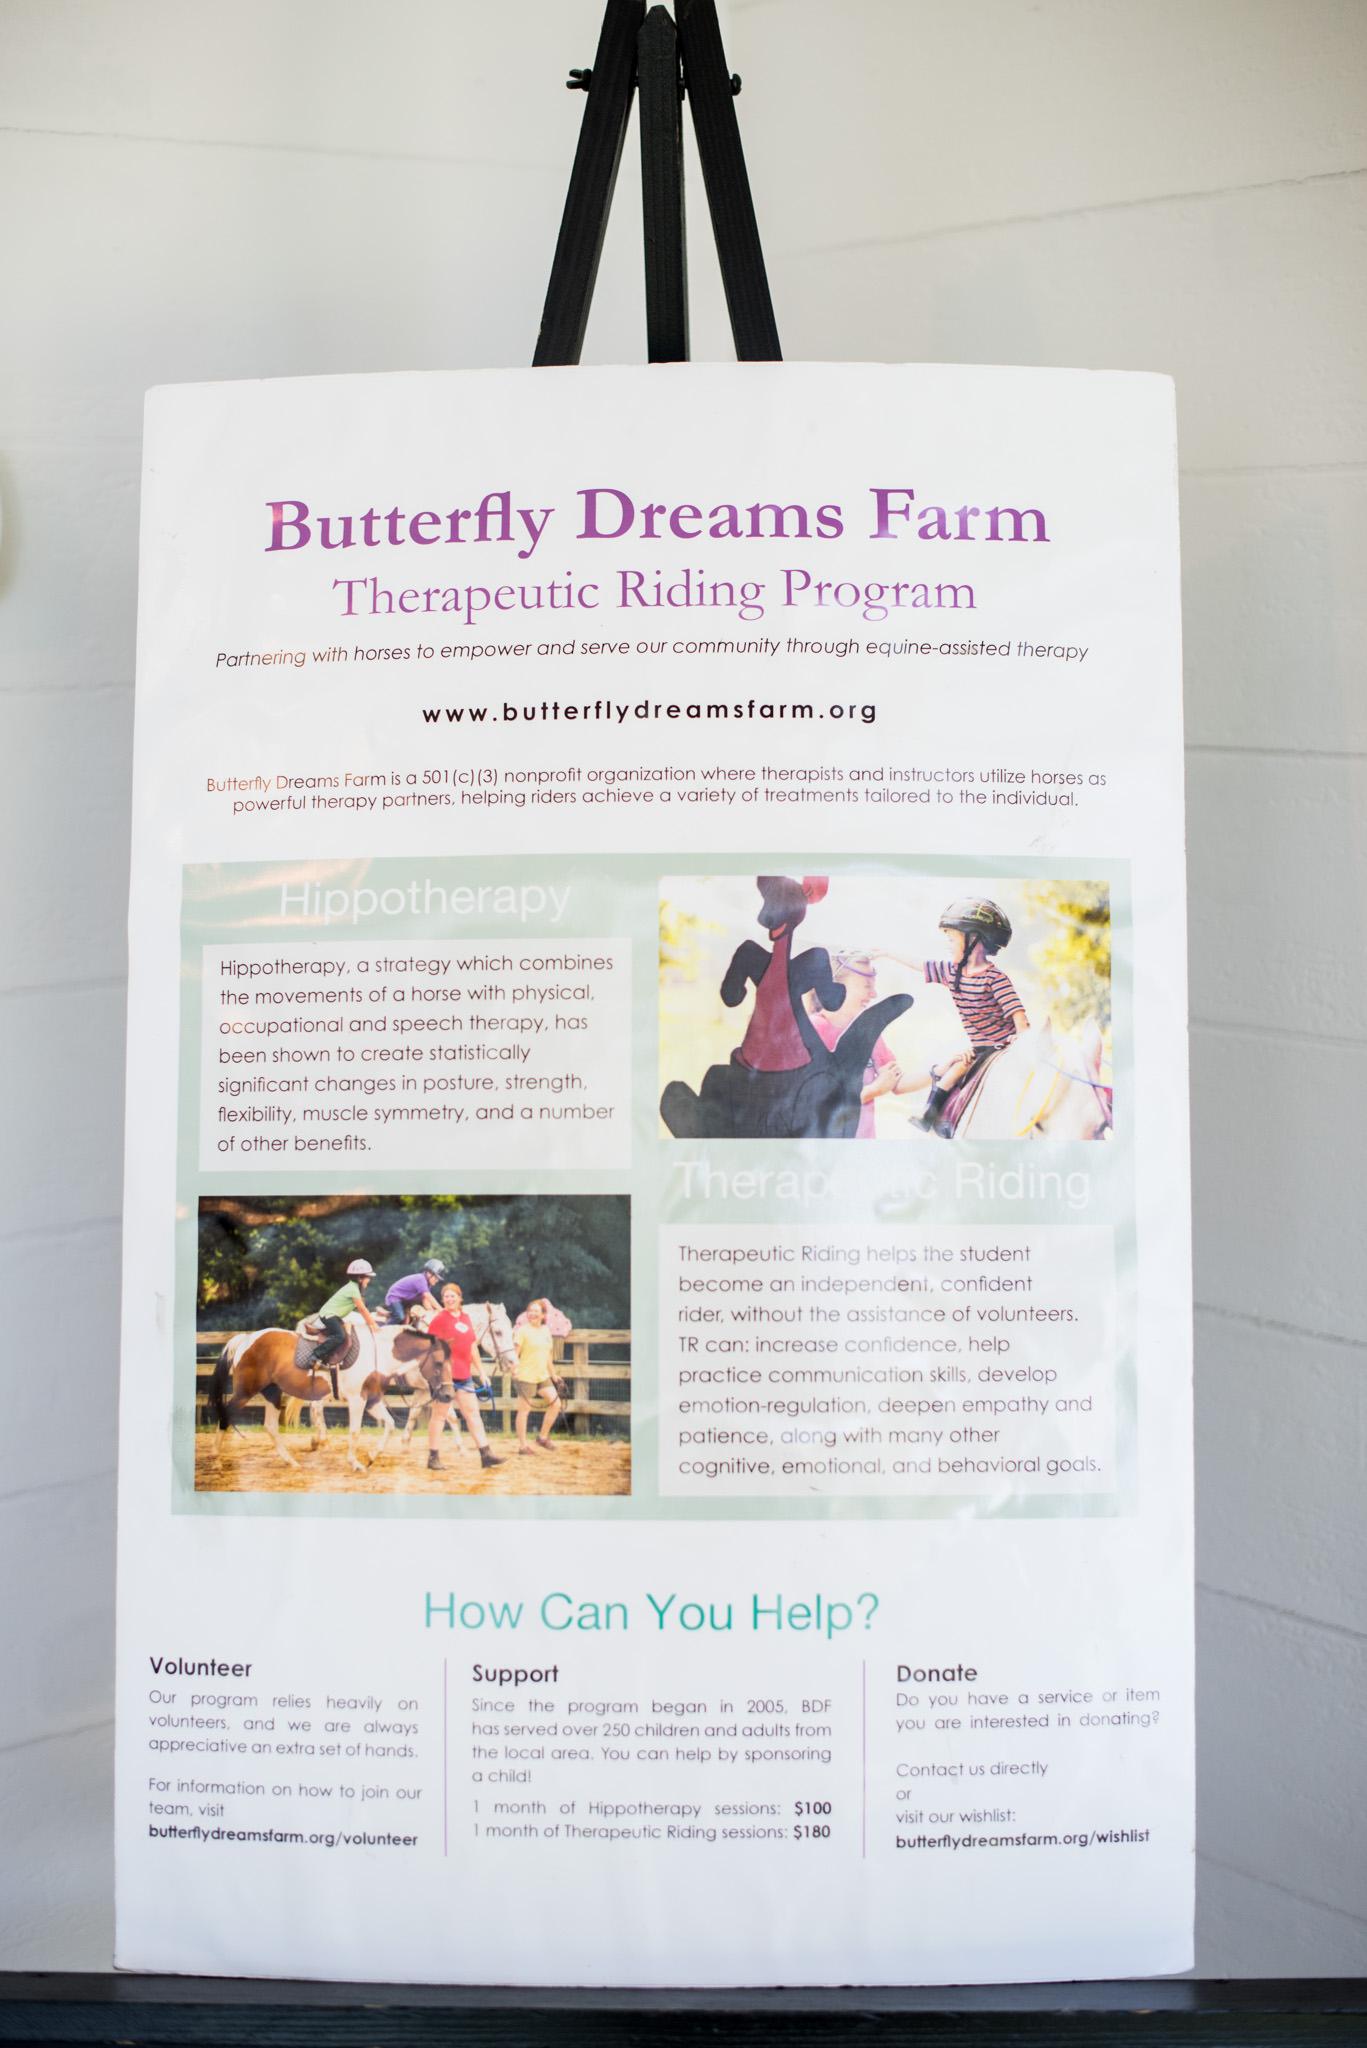 butterfly-dreams-wedding-gift-5.jpg